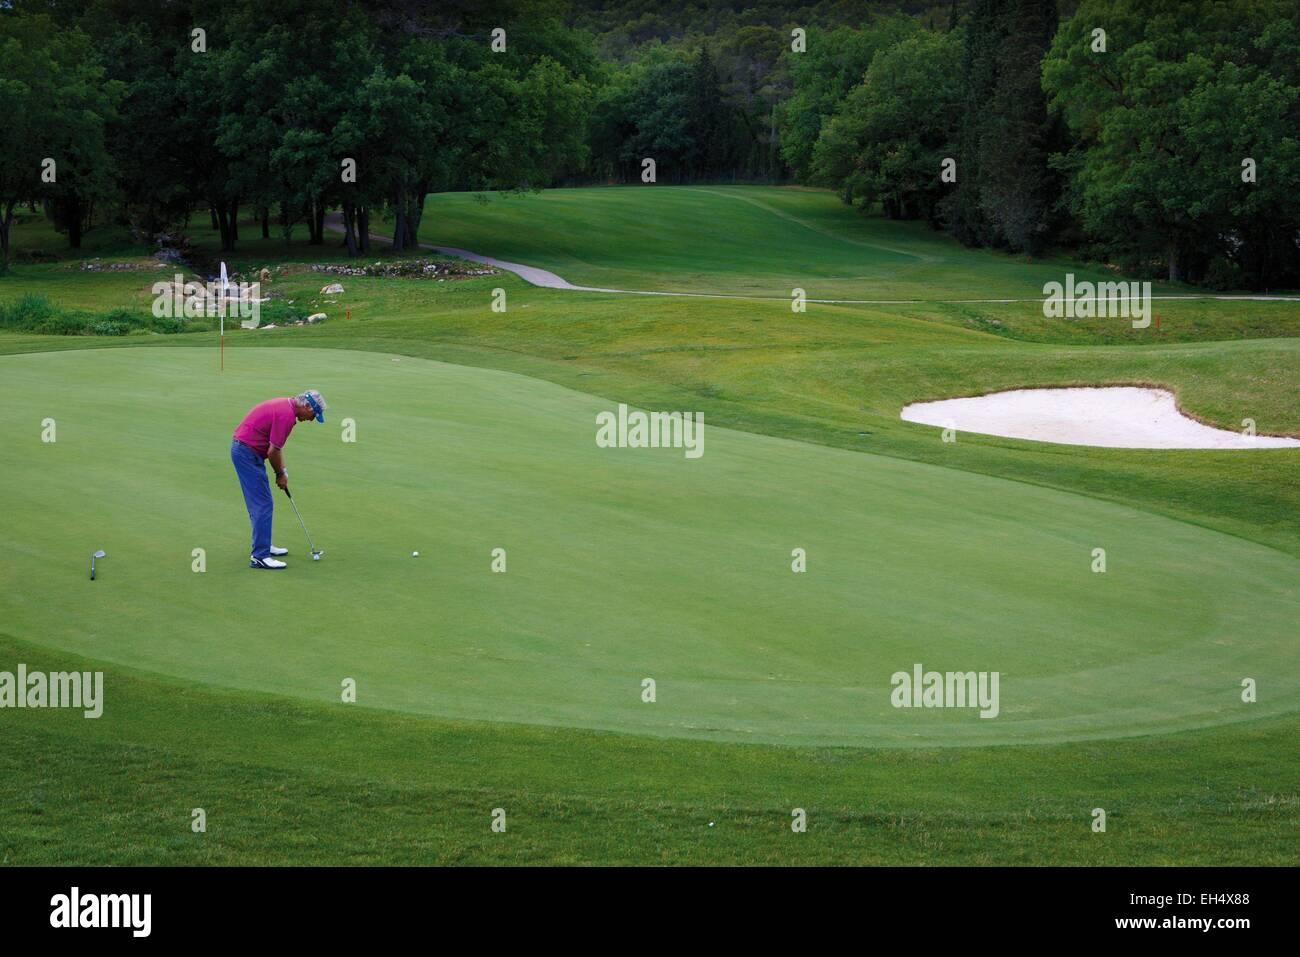 Francia, Alpes Maritimes, Valbonne, golfista en un campo de golf de verano provenzal Imagen De Stock